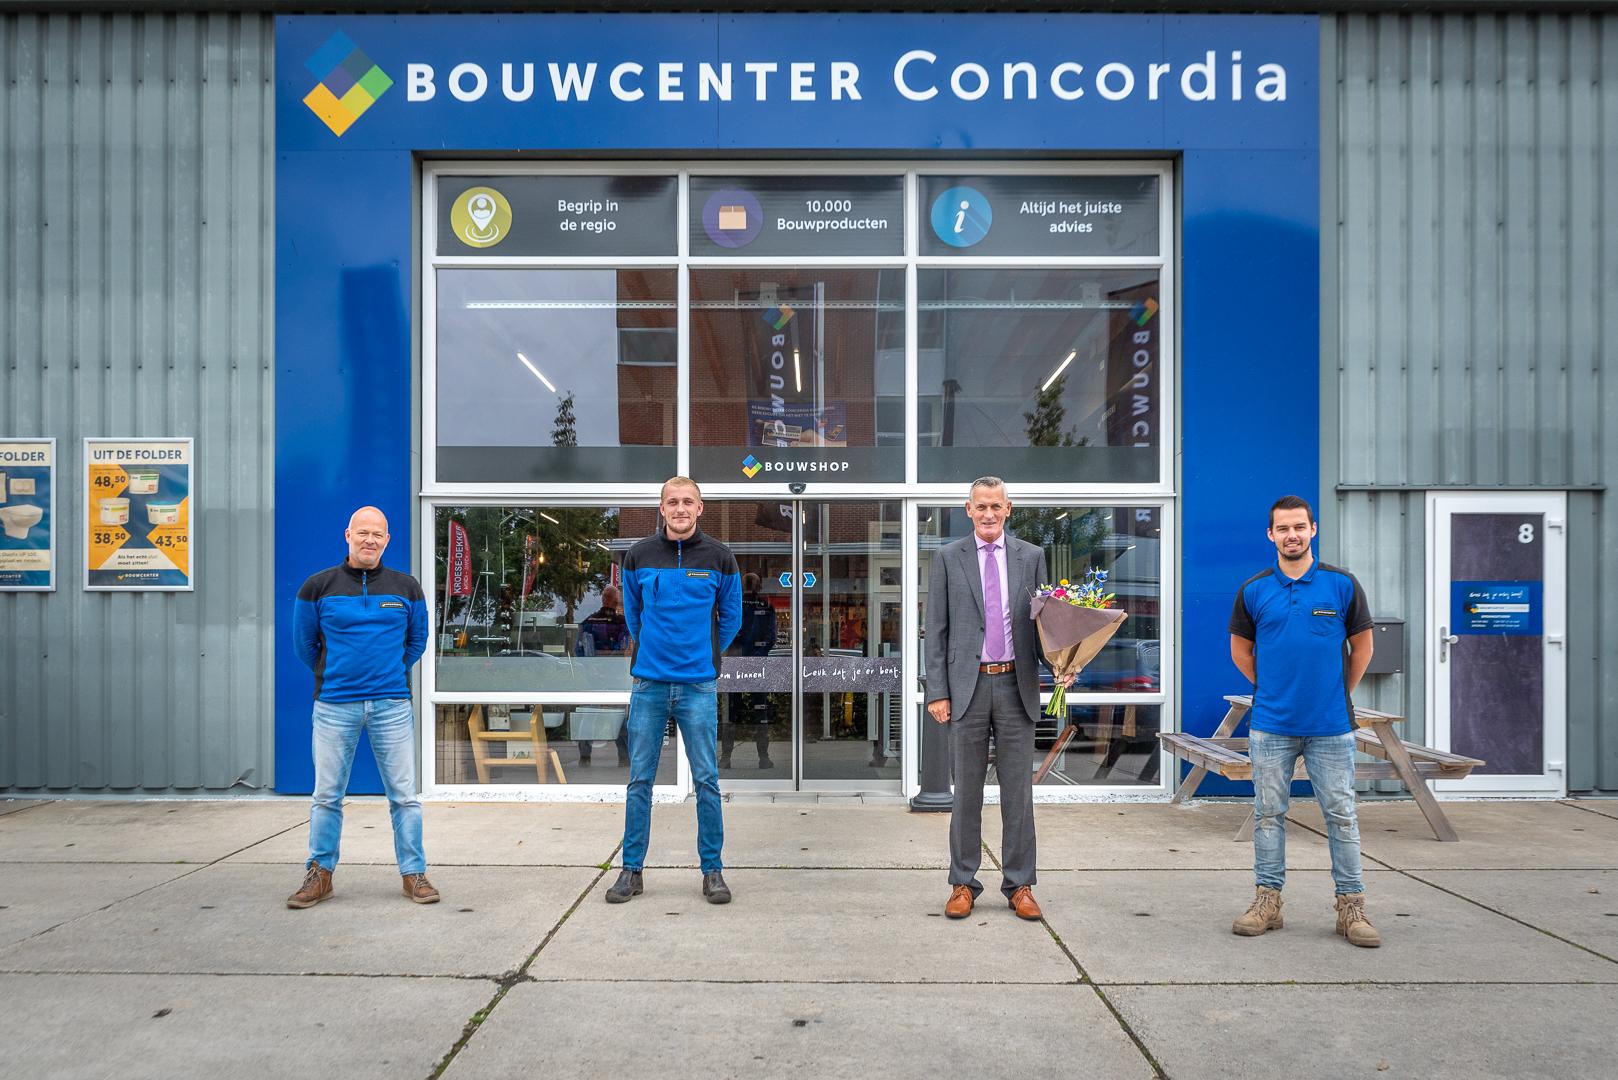 Bouwcenter Concordia nieuwe sponsor bij de Elburger Sportclub - Elburger SC